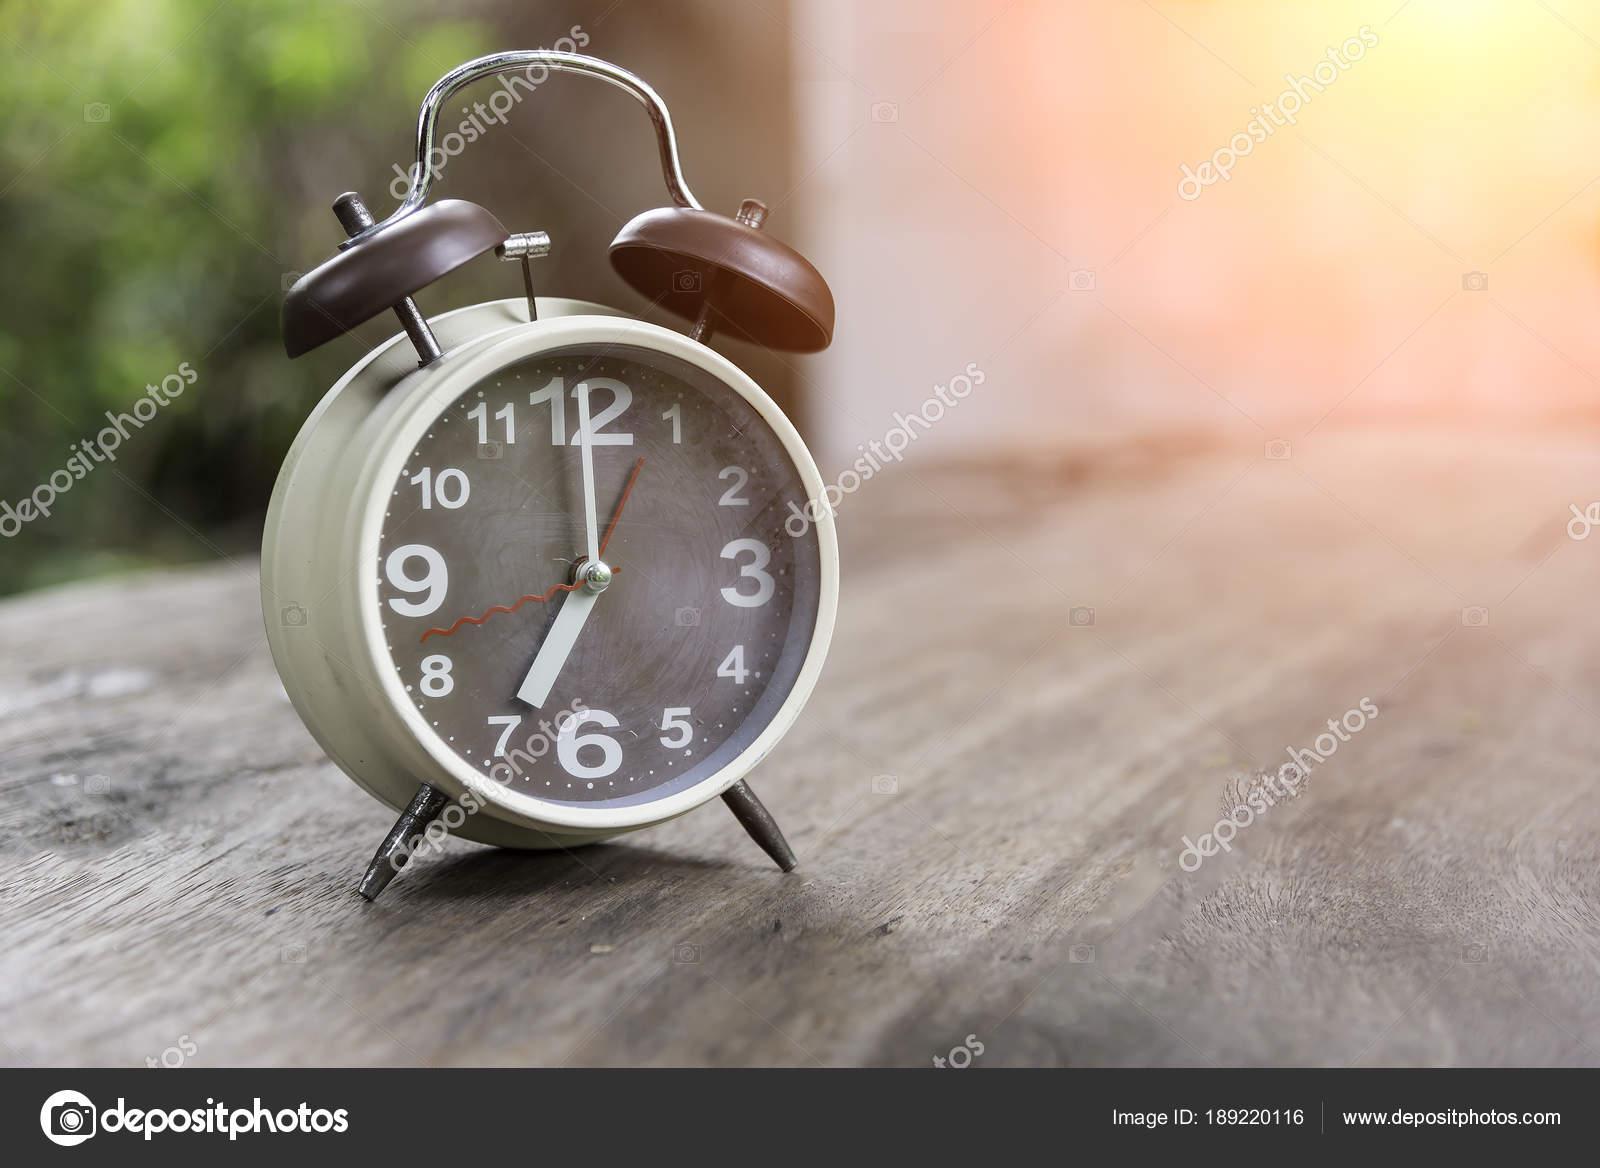 Kinderwekker Met Licht : Klassieke beeld wekker met natuur licht ochtend u stockfoto